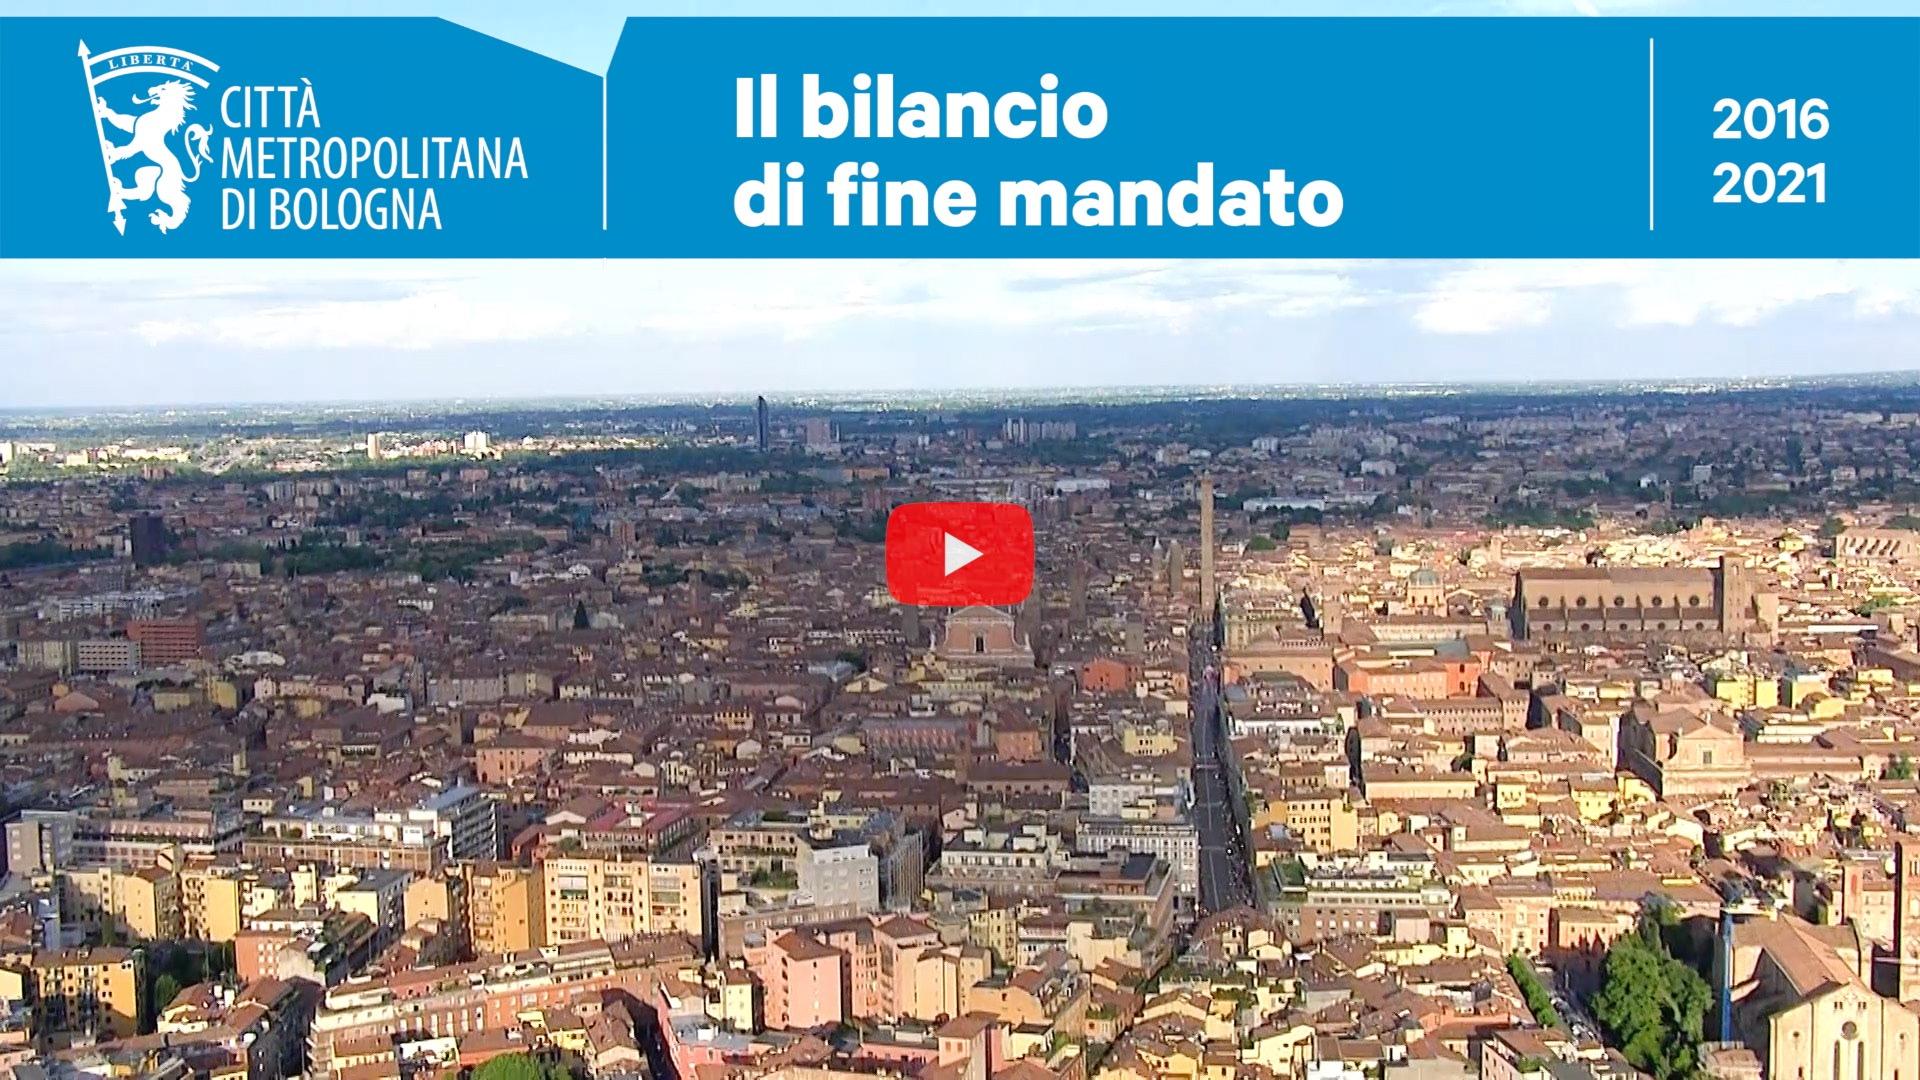 Il Bilancio di fine mandato (2016-2021) della Città metropolitana di Bologna